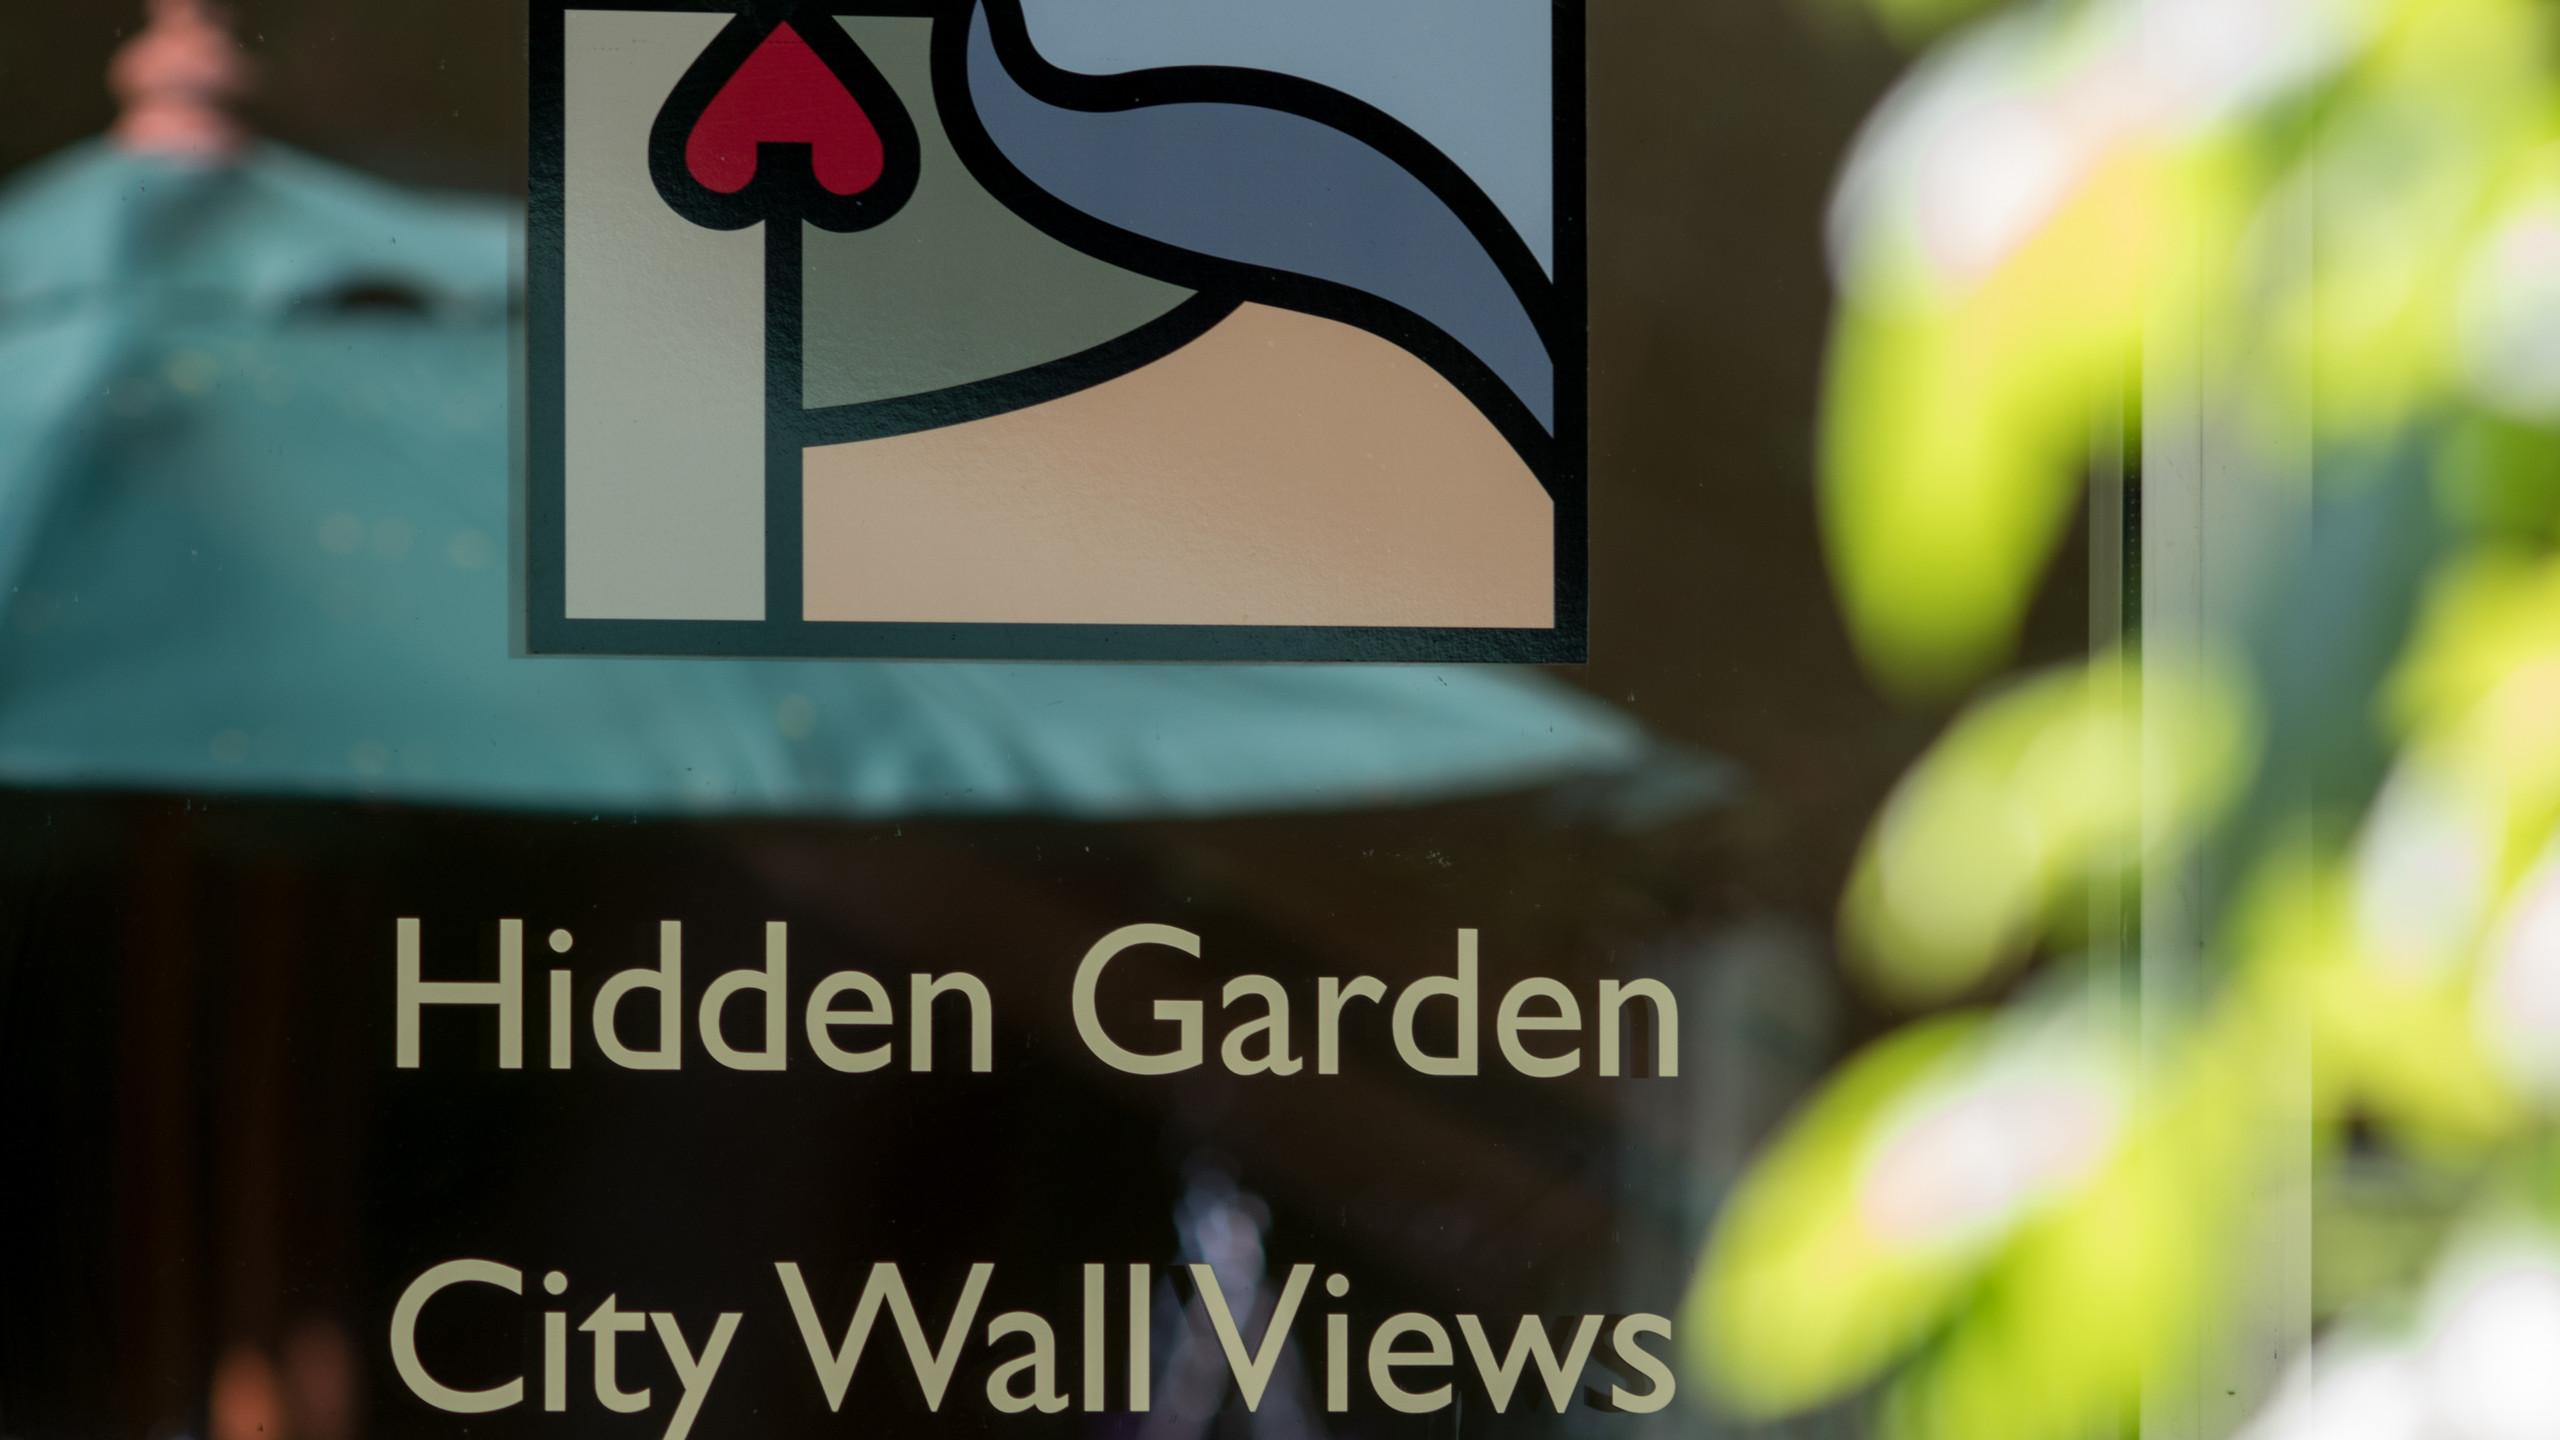 Hidden gardens spot the city!